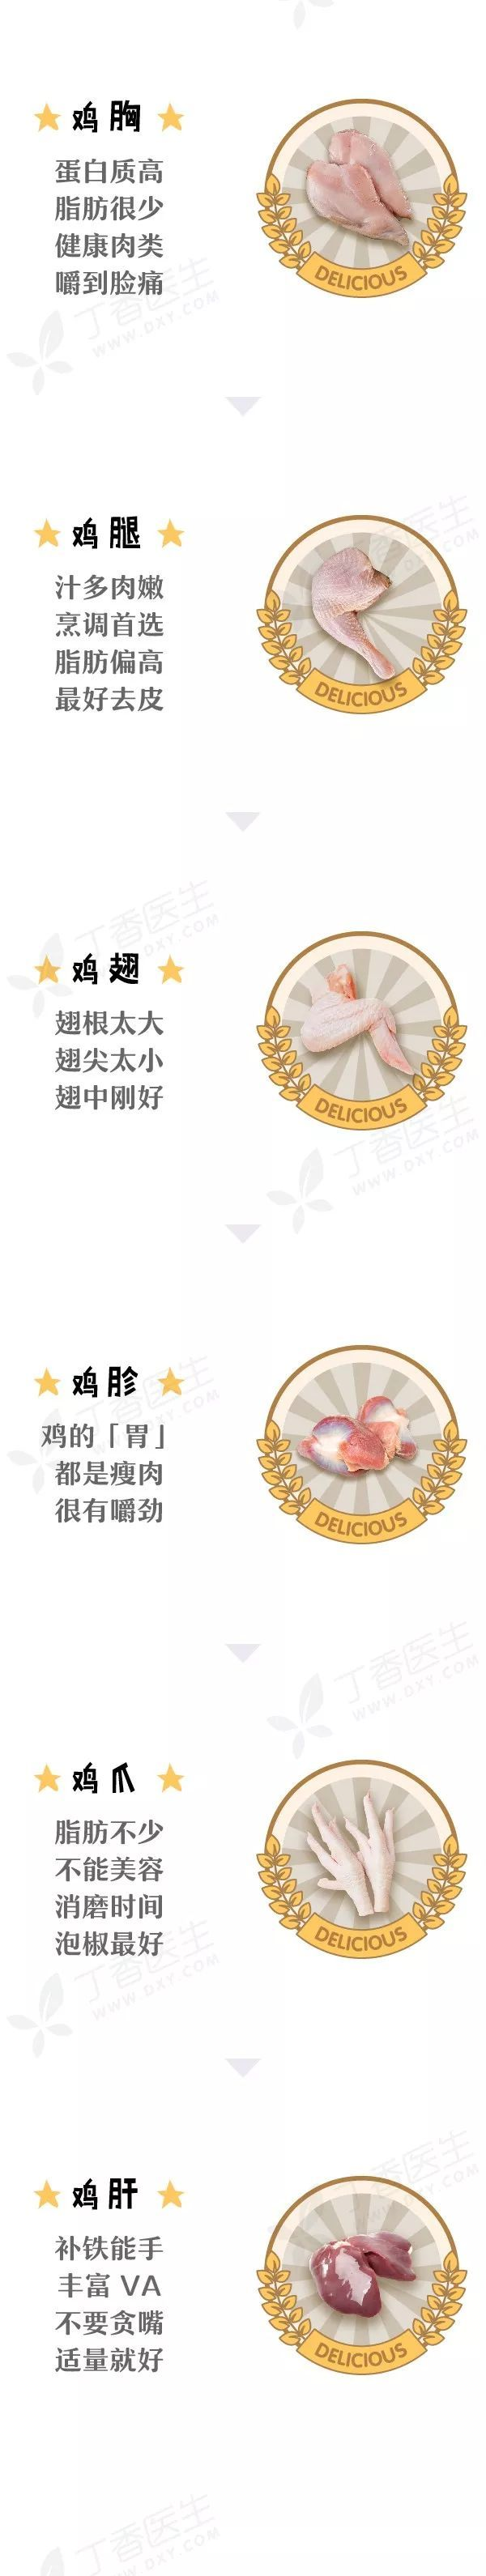 澳门太阳娱乐集团官网 18